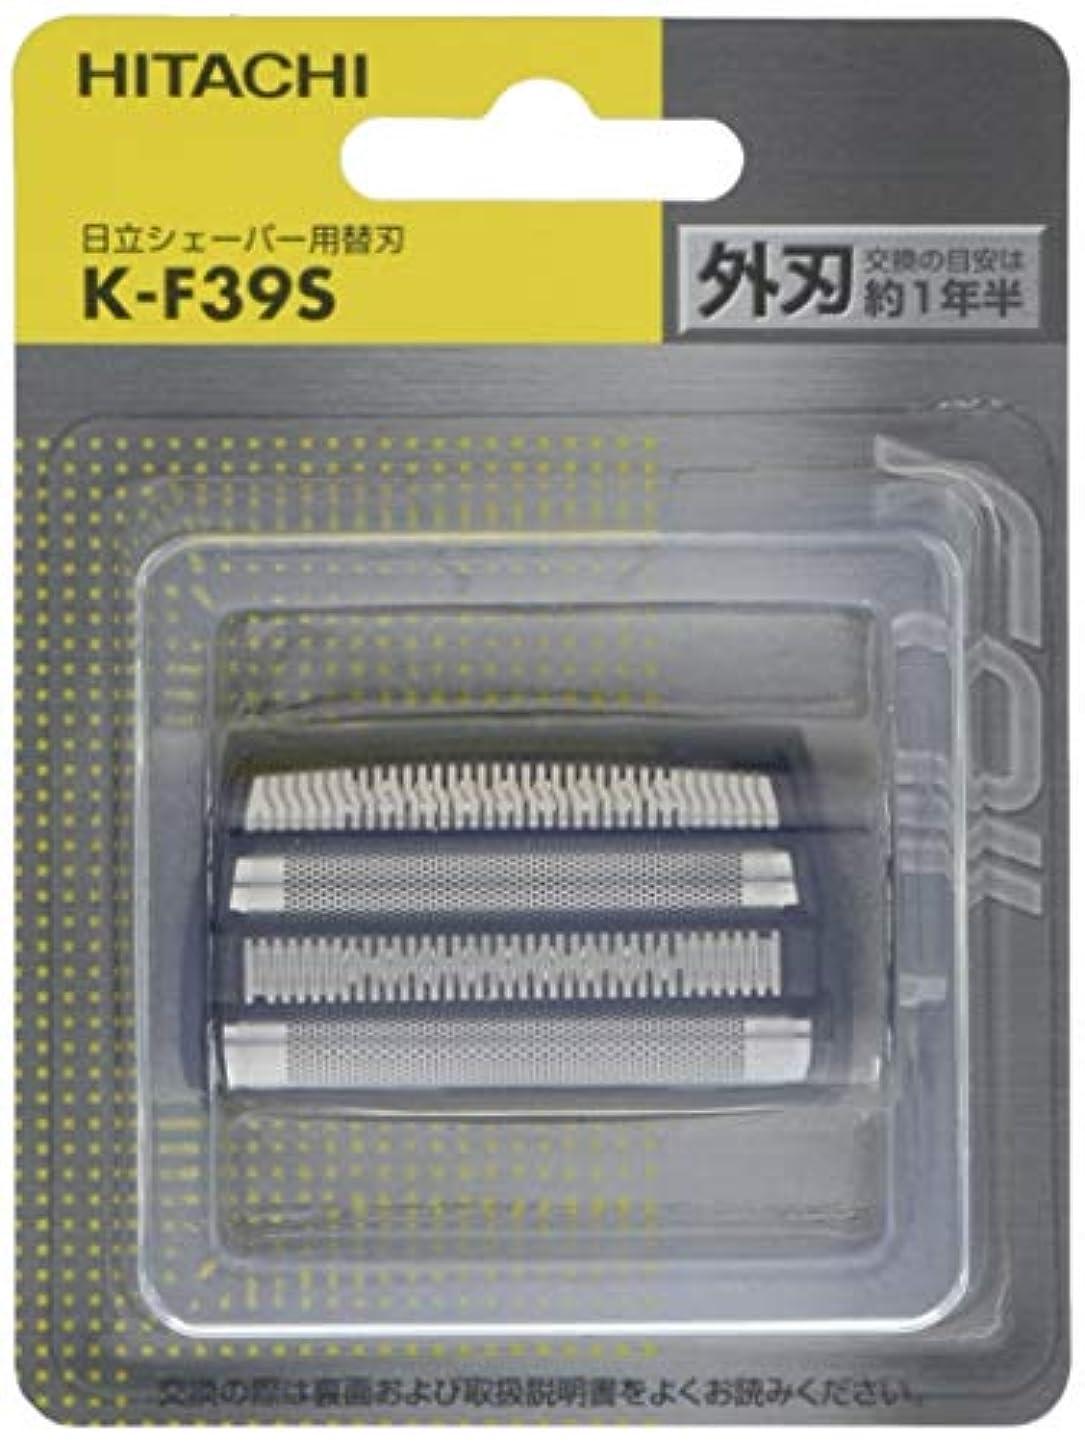 置くためにパックトレード垂直日立 メンズシェーバー用替刃(外刃) K-F39S